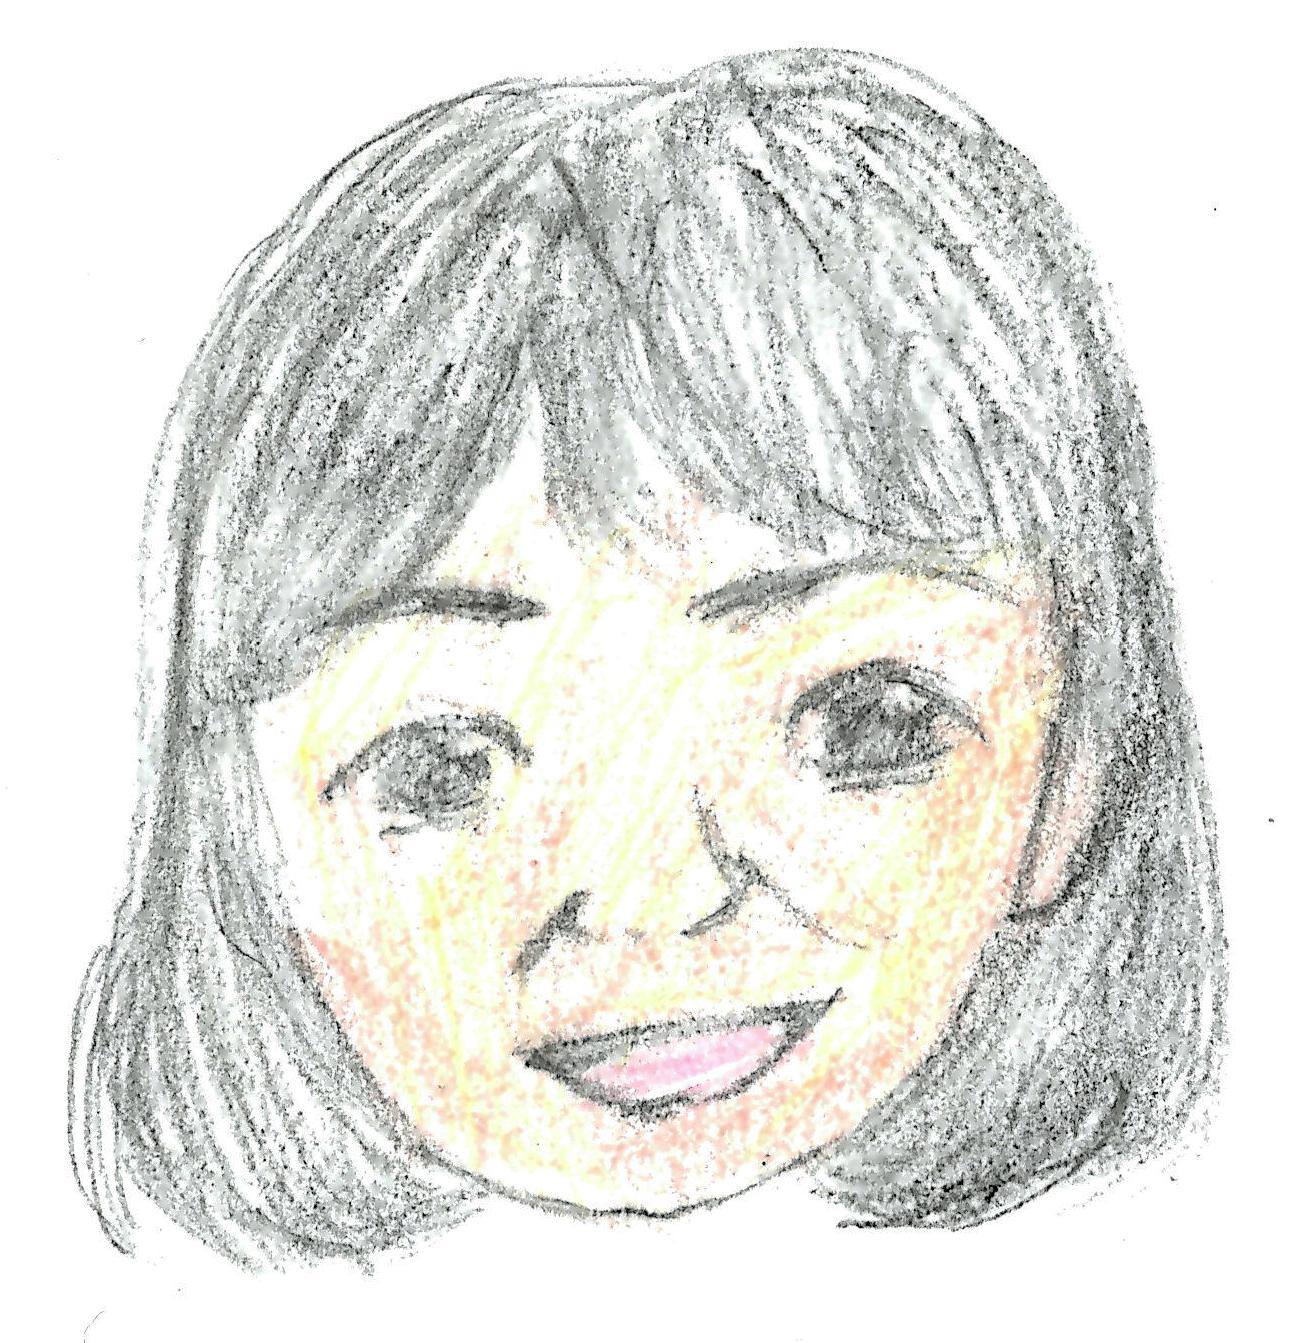 橋田晶子(はしだあきこ)